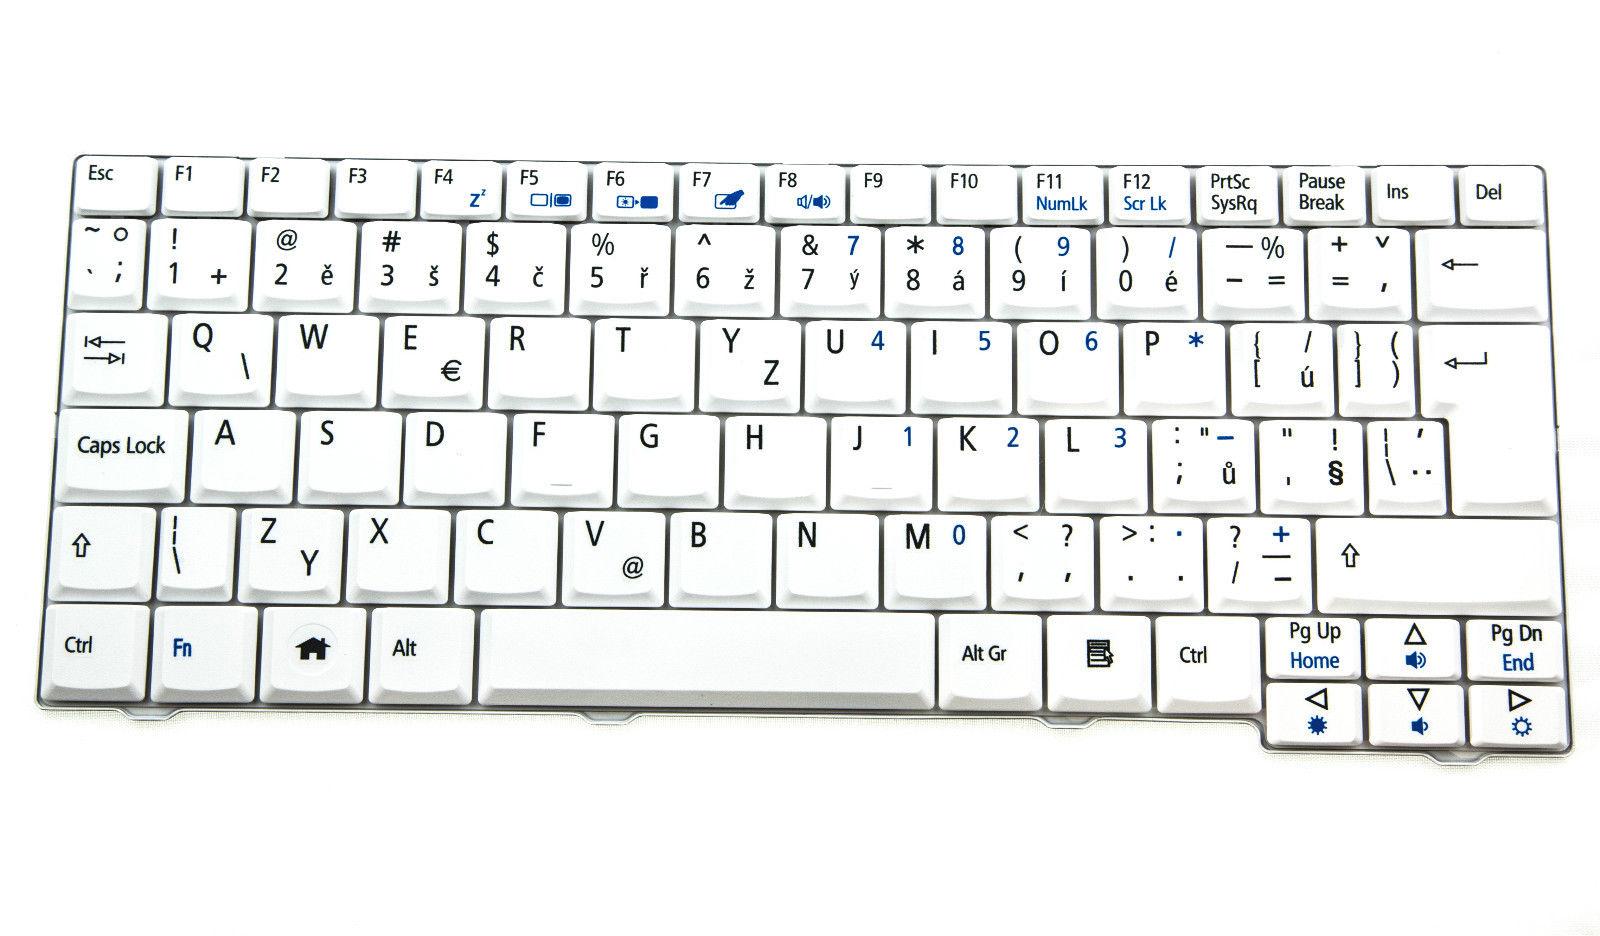 CZ klávesnice pro notebooky Acer Aspire One A110 A150 D150 D250 531h 571h - bílá